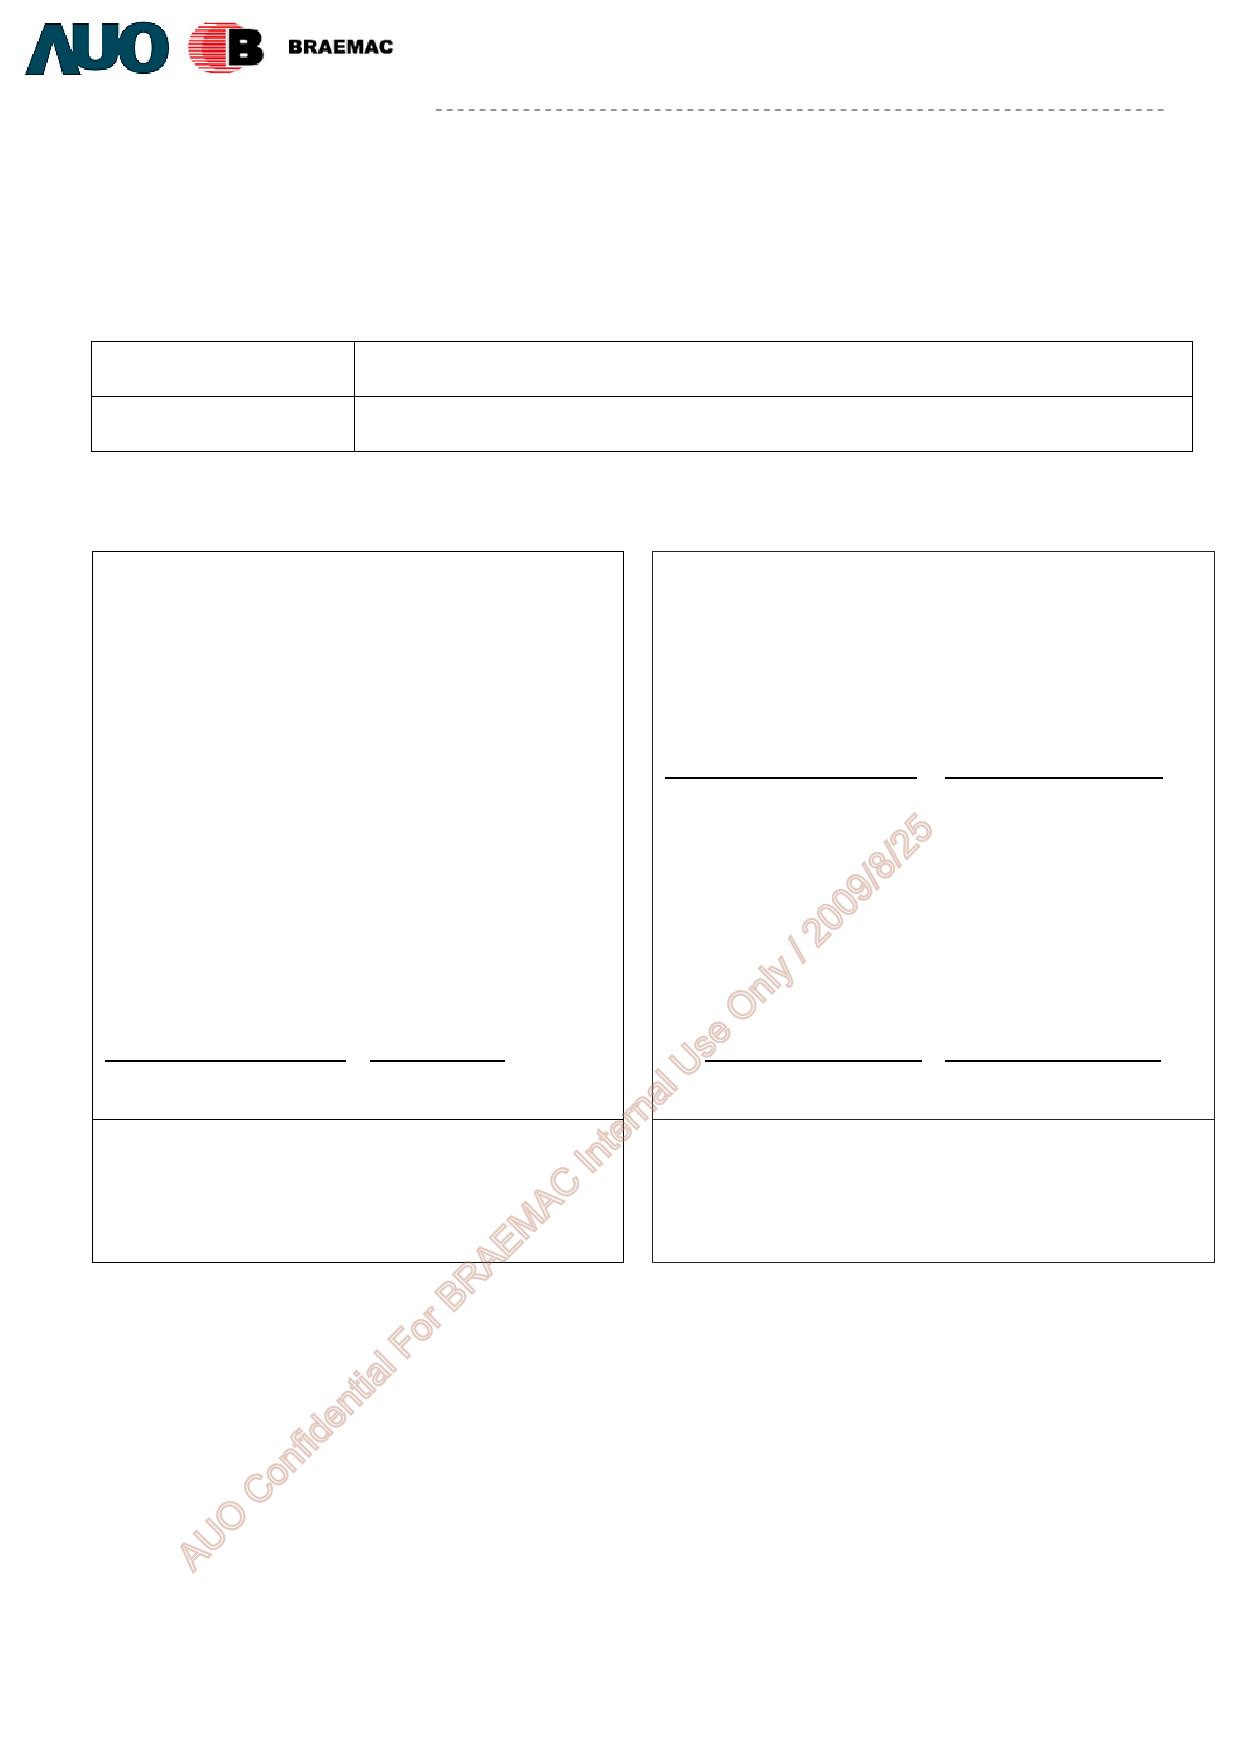 G070VW01_V0 datasheet